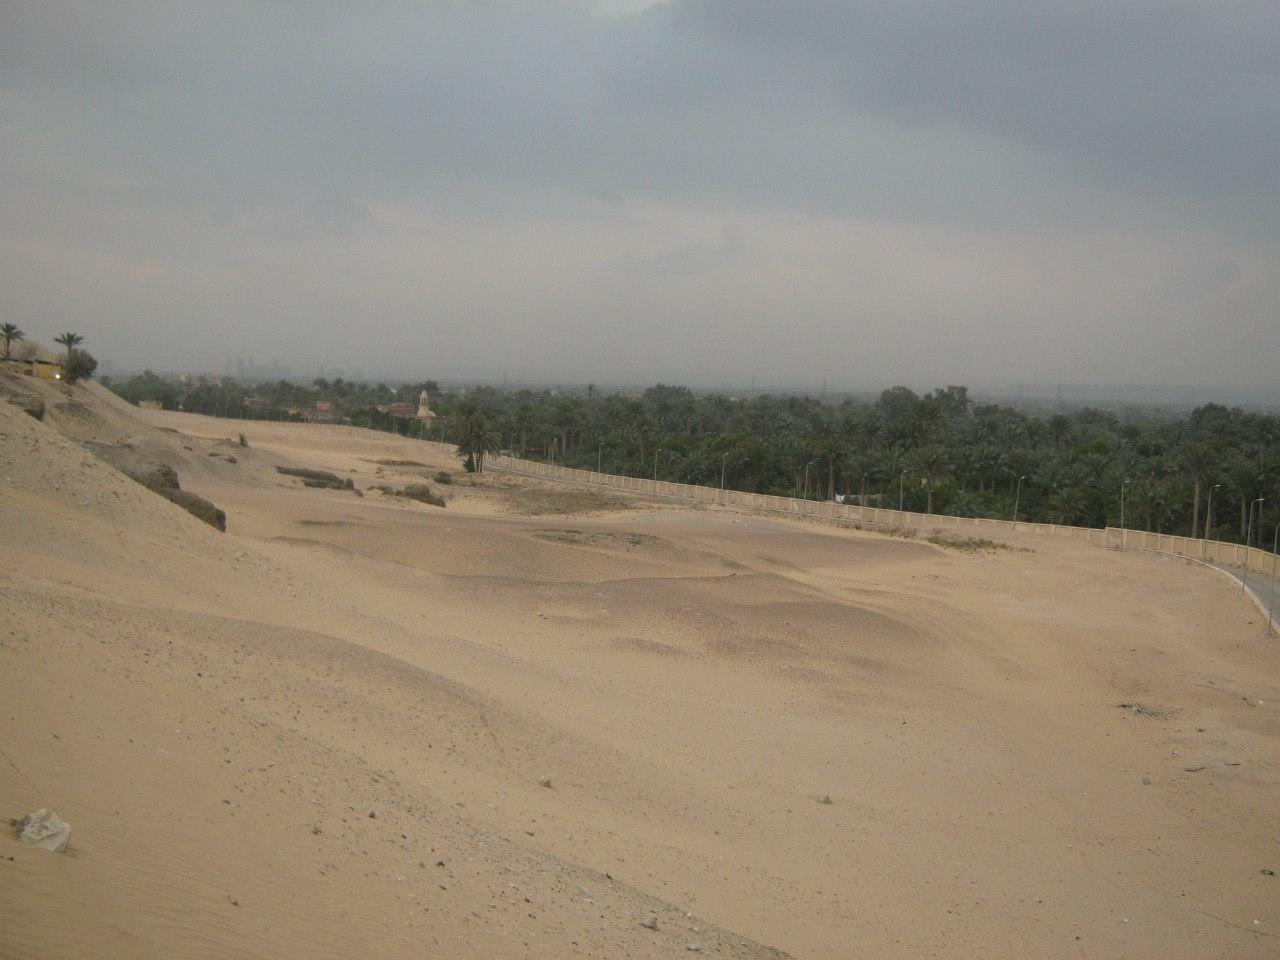 граница между оазисом и пустыней